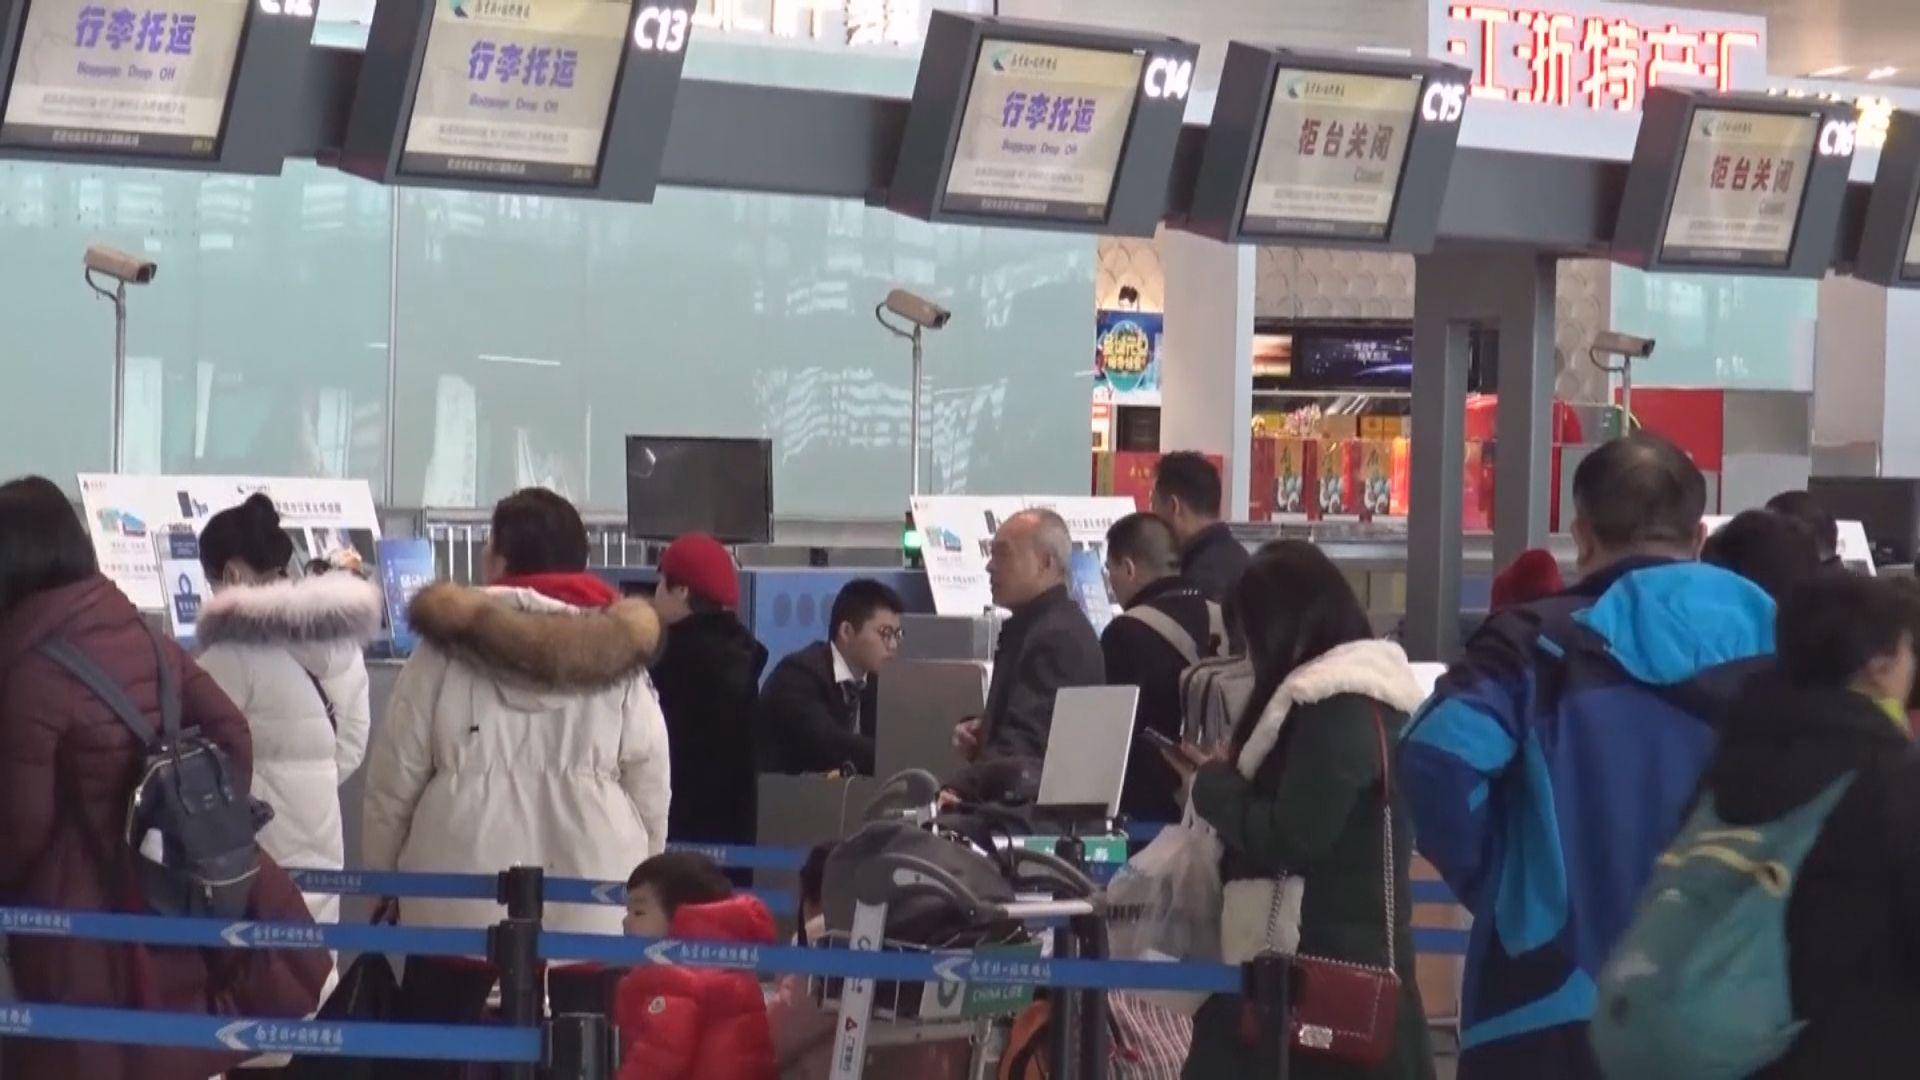 民航局:在風險可控前提下可適度增加部分國家航班